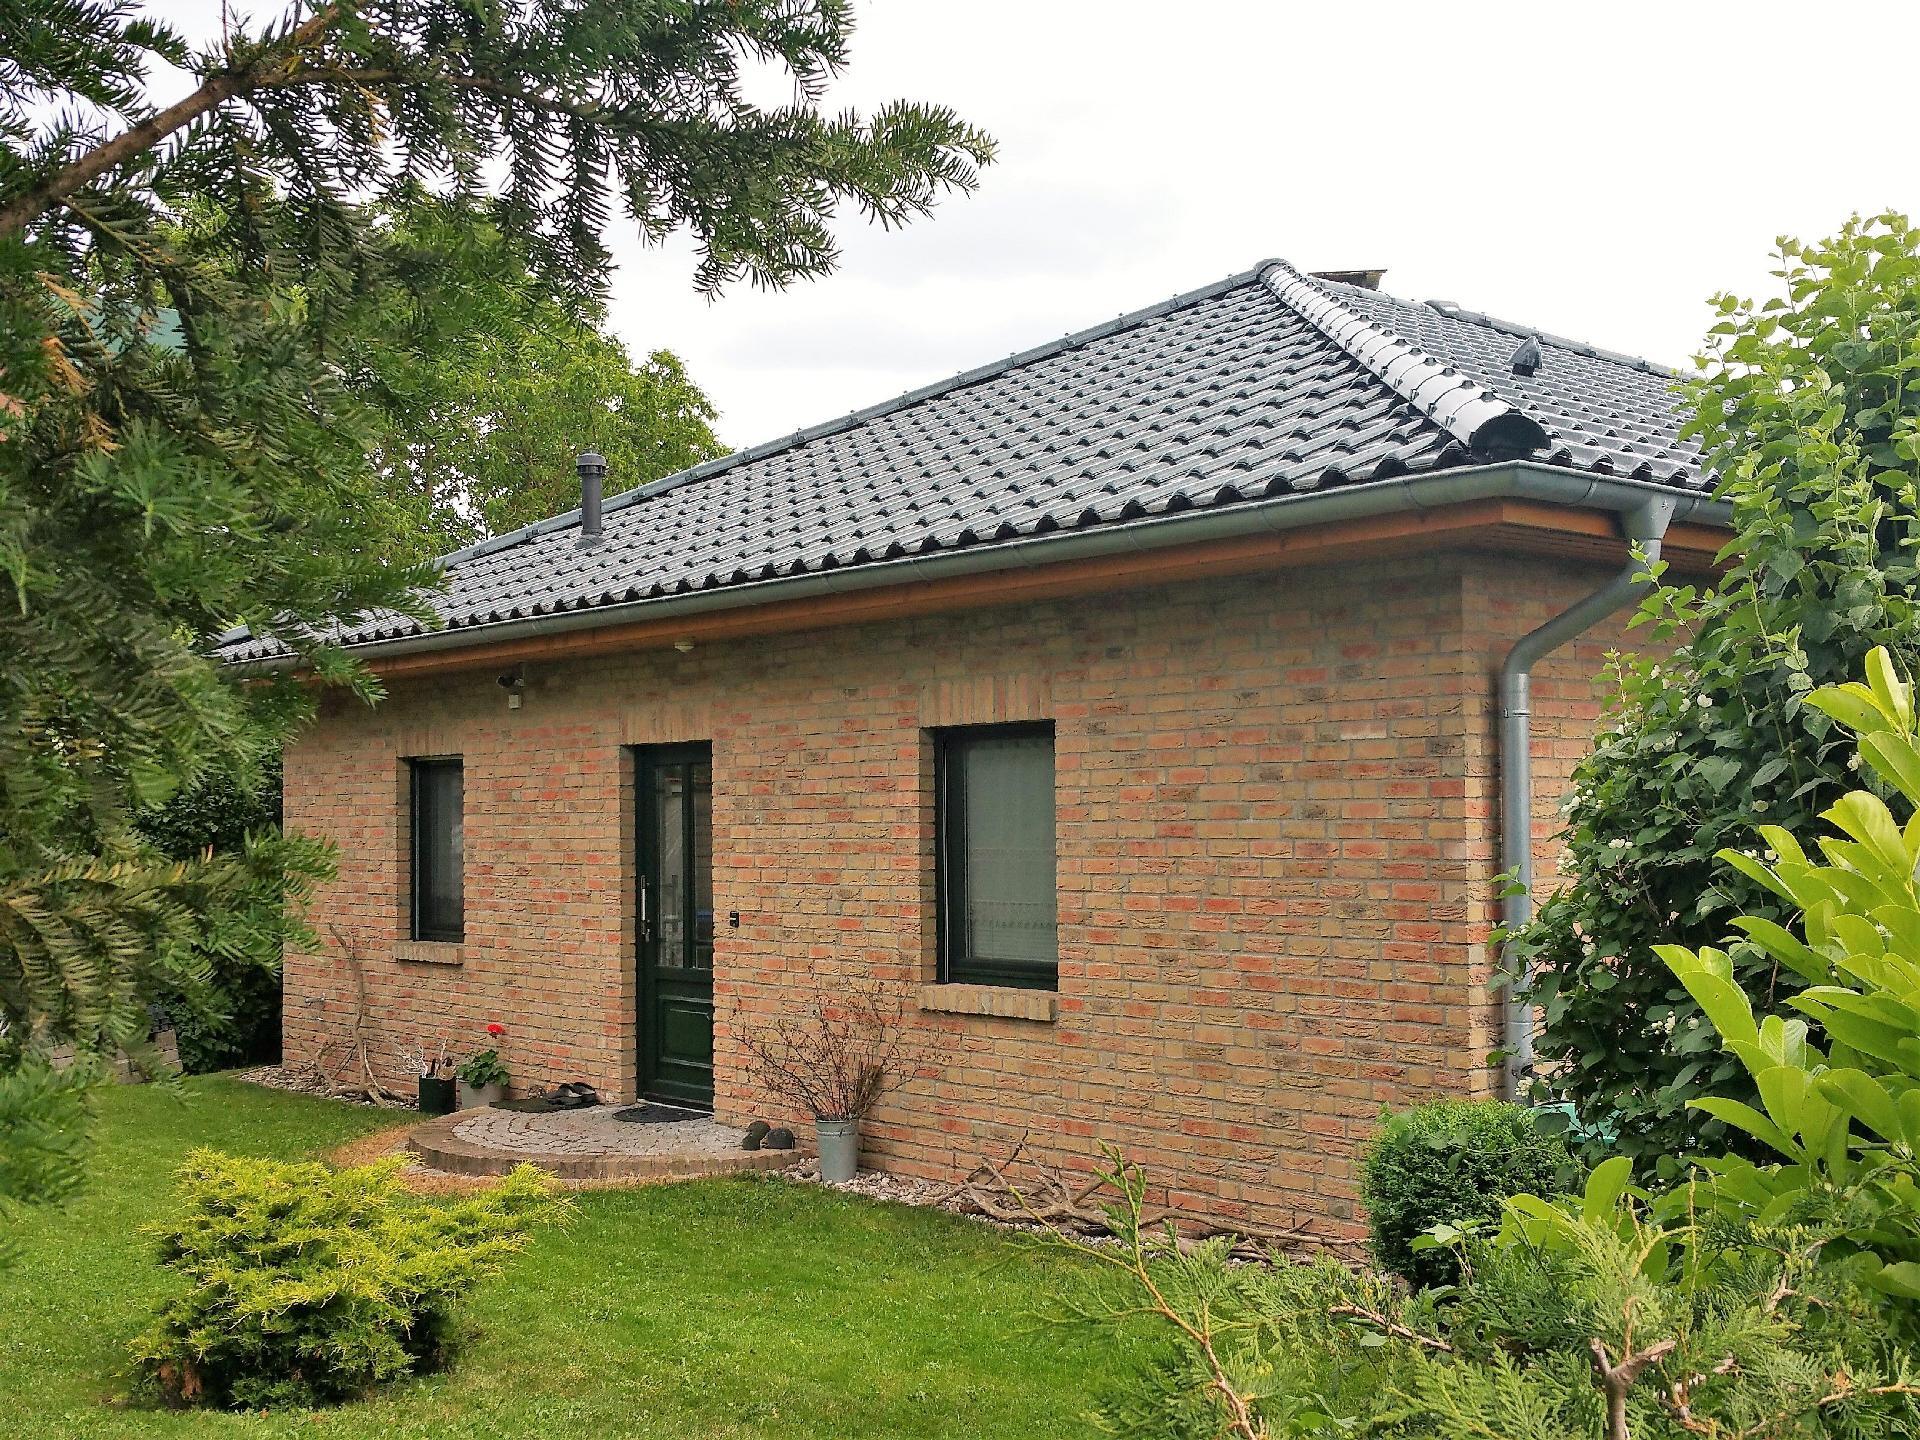 Ferienhaus für 5 Personen ca. 100 m² in